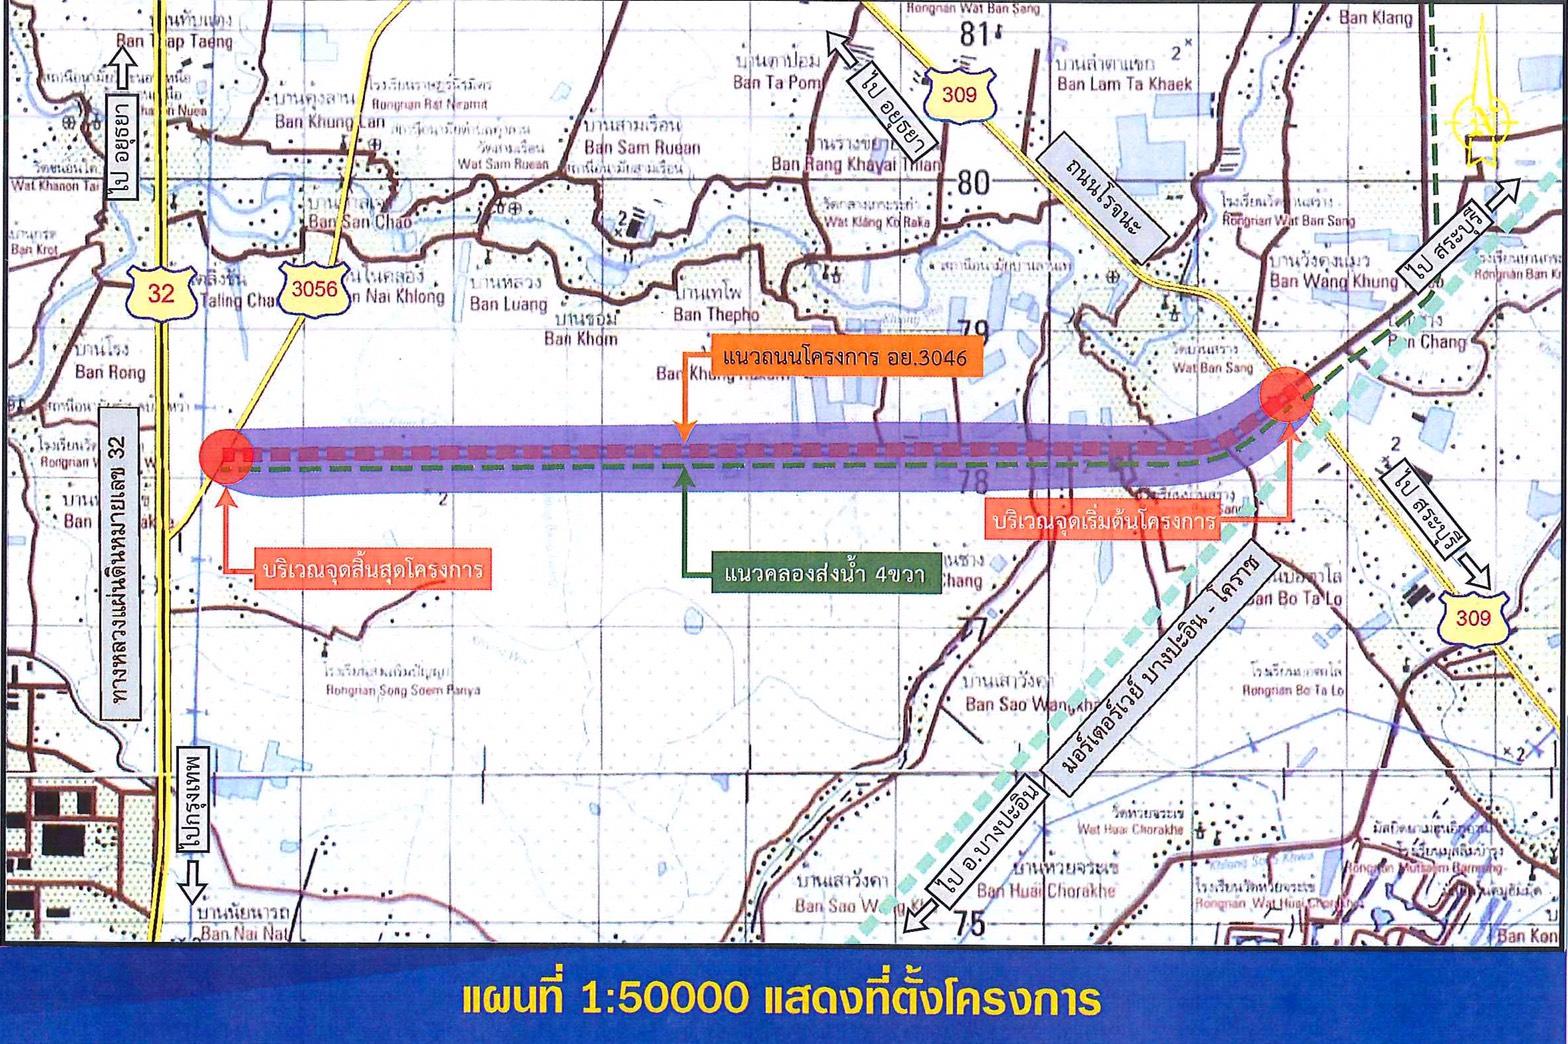 ทช. สำรวจออกแบบถนน เชื่อมโครงข่ายขนส่ง จ.อยุธยา